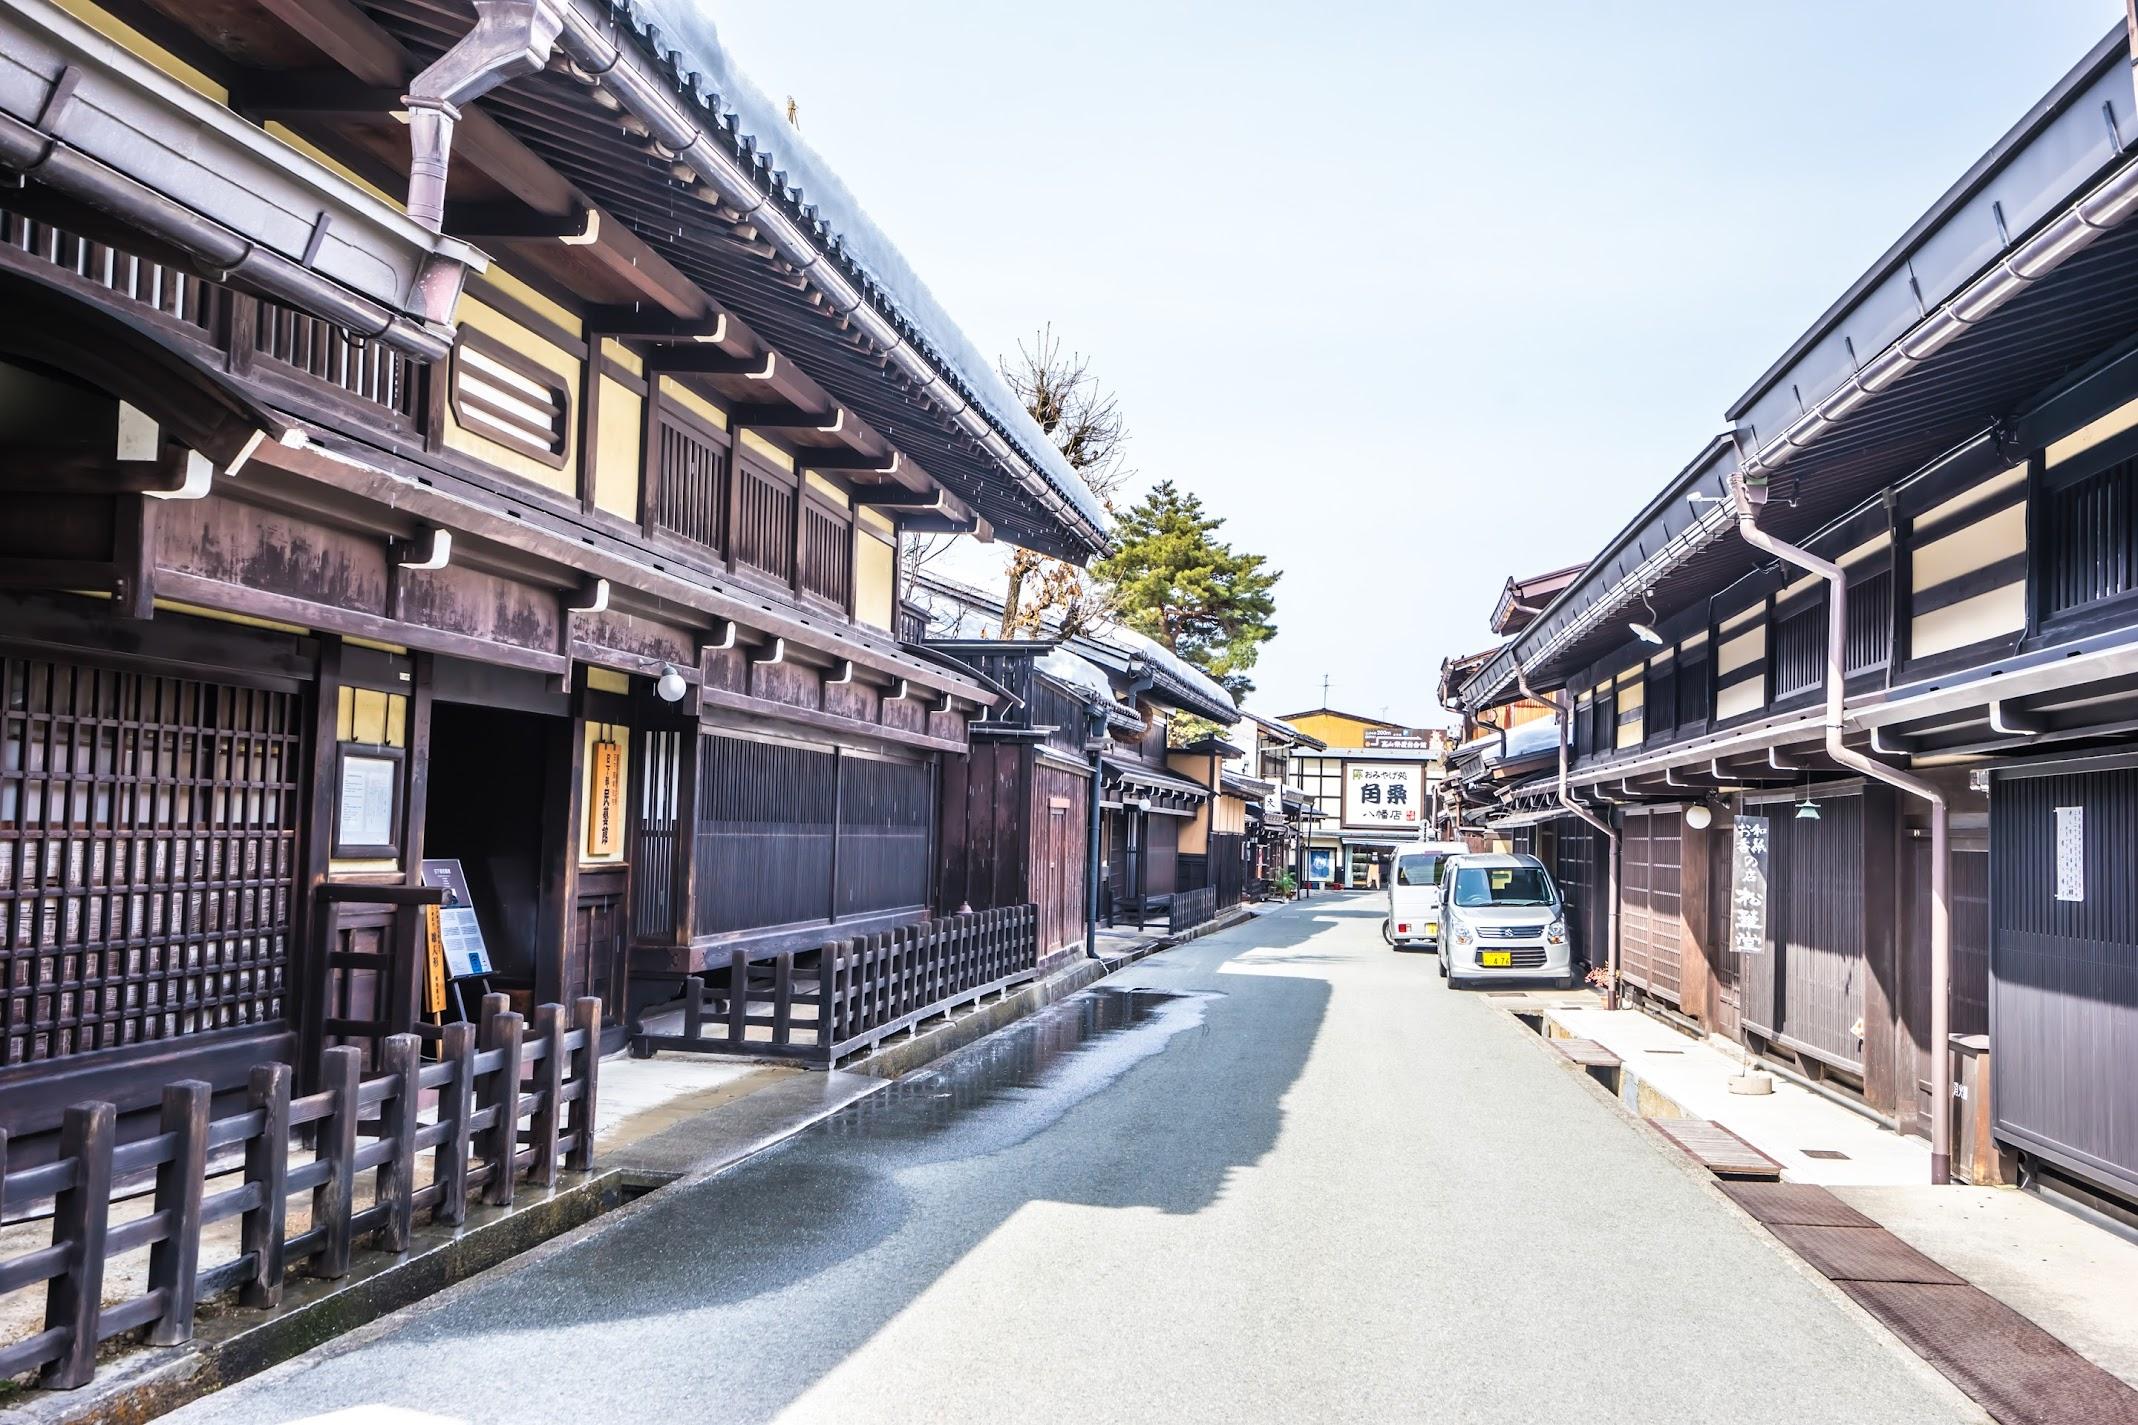 Hida Takayama Yoshijima Heritage House and Kusakabe Folk Museum